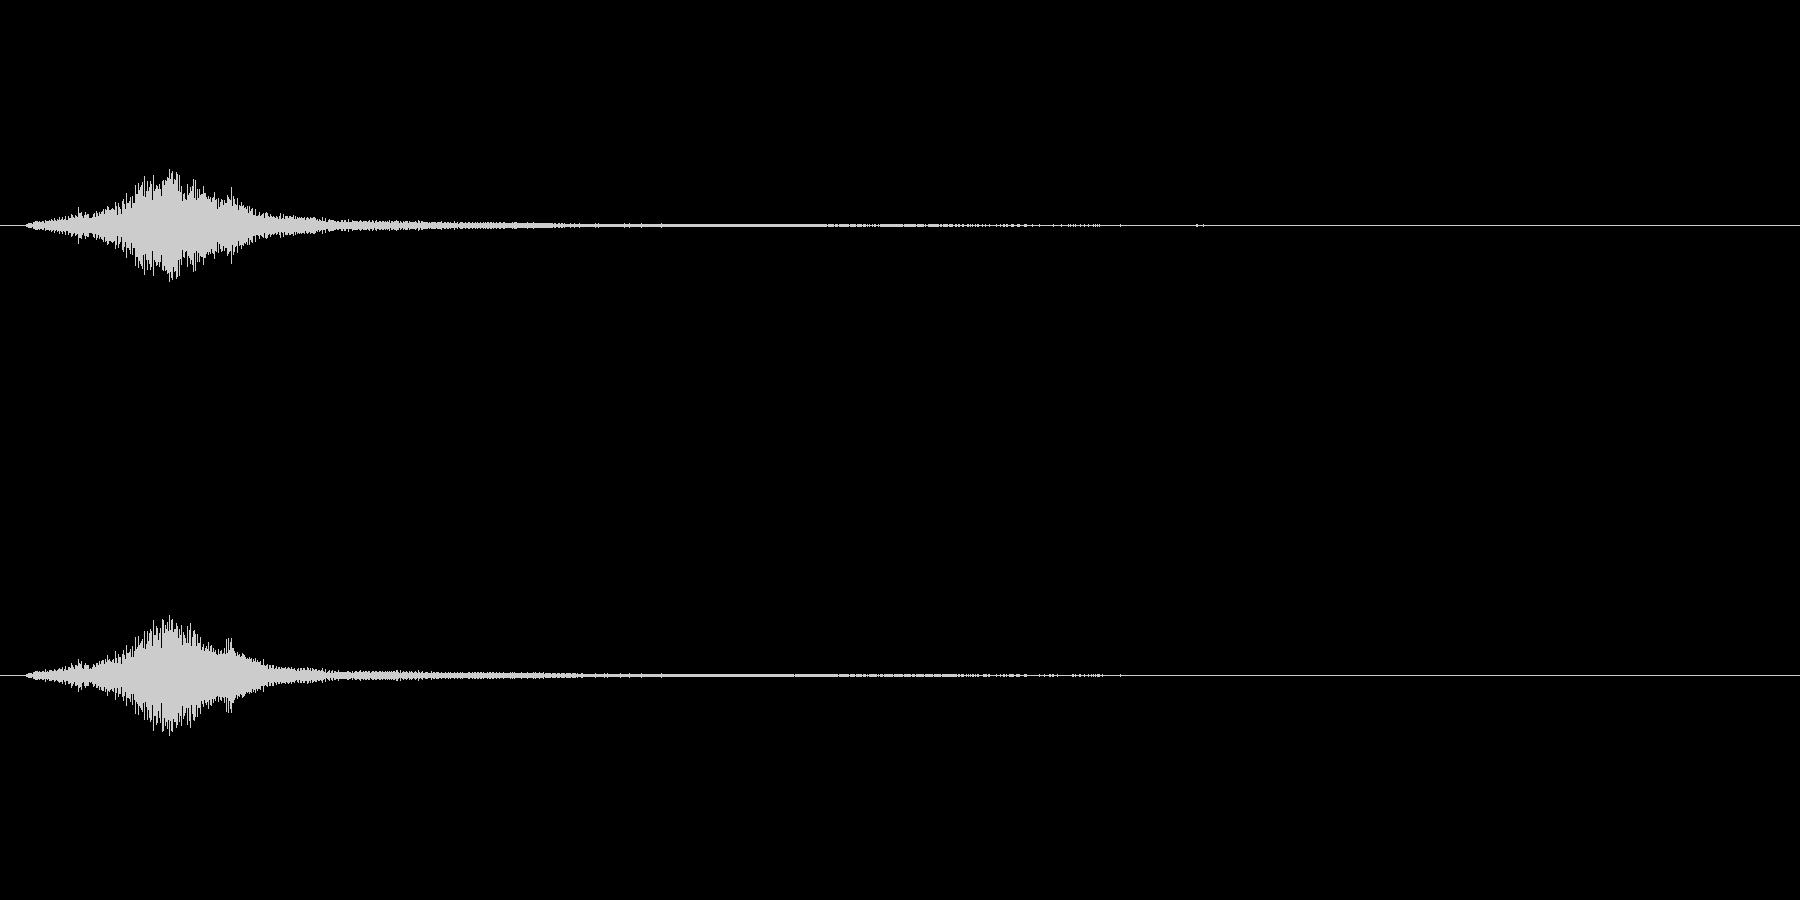 ハープグリッサンド上行1回~Eb7の未再生の波形